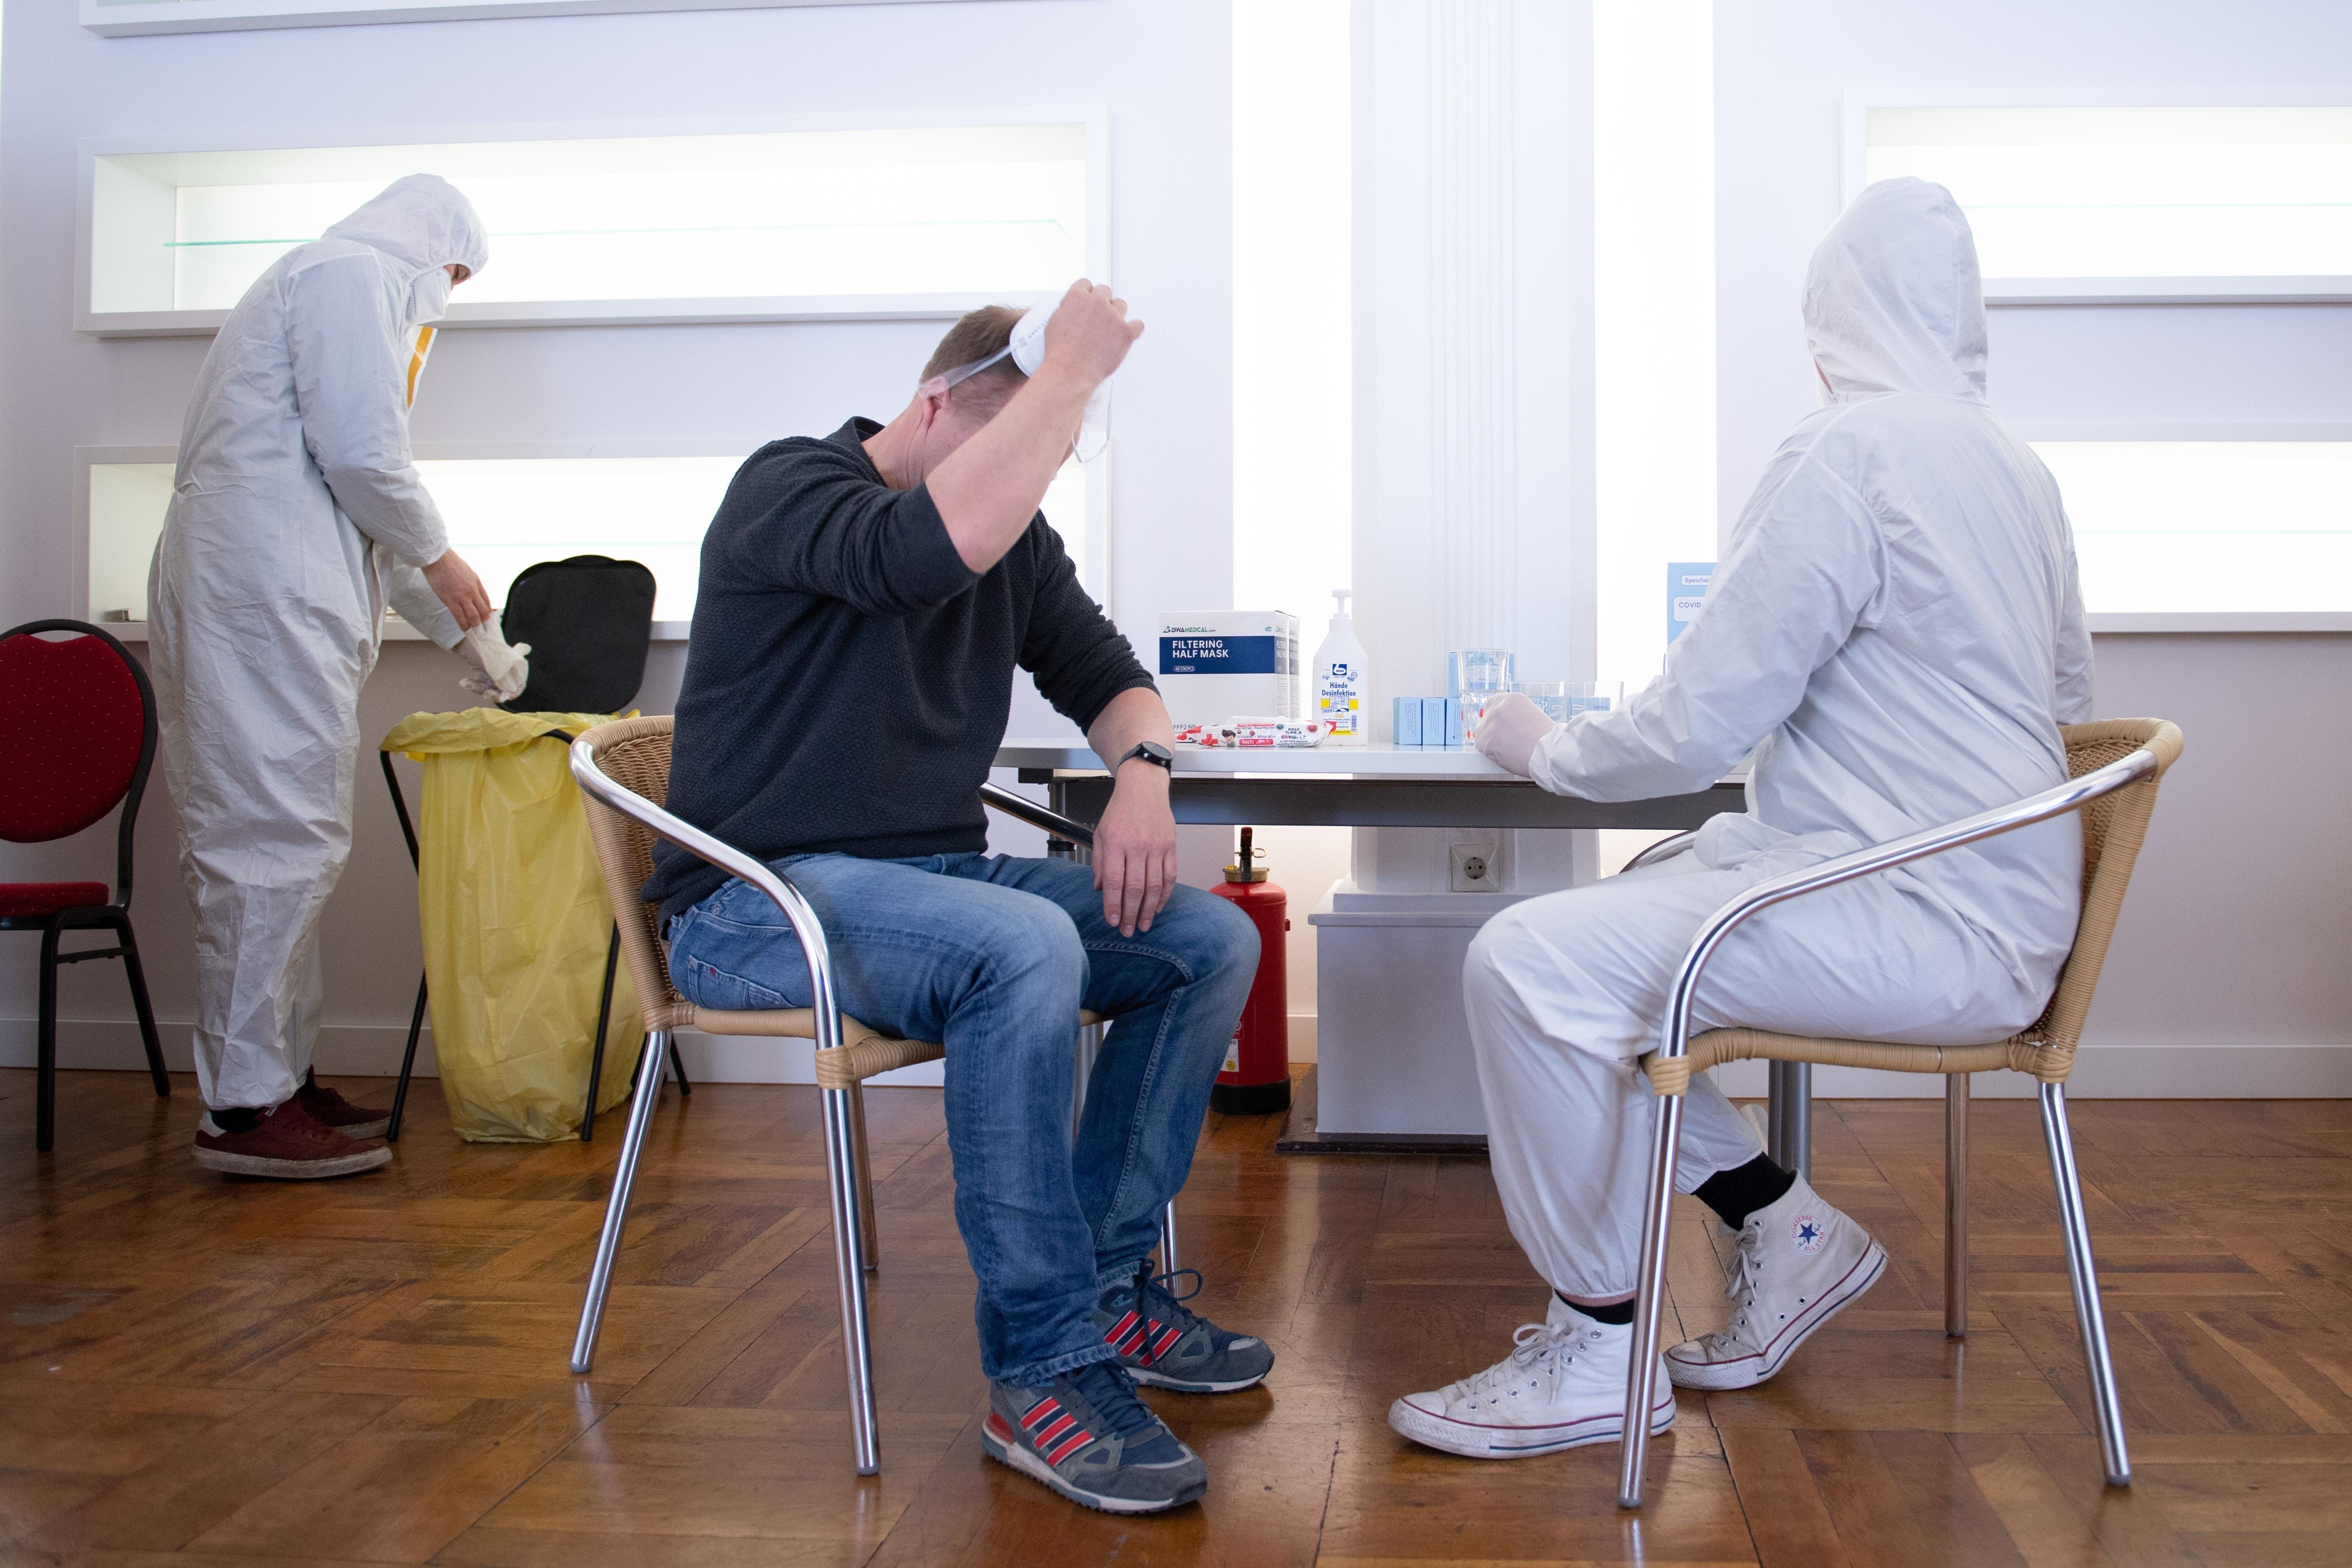 Corona-Zahlen: RKI meldet über 23.000 Neuinfektionen in Deutschland